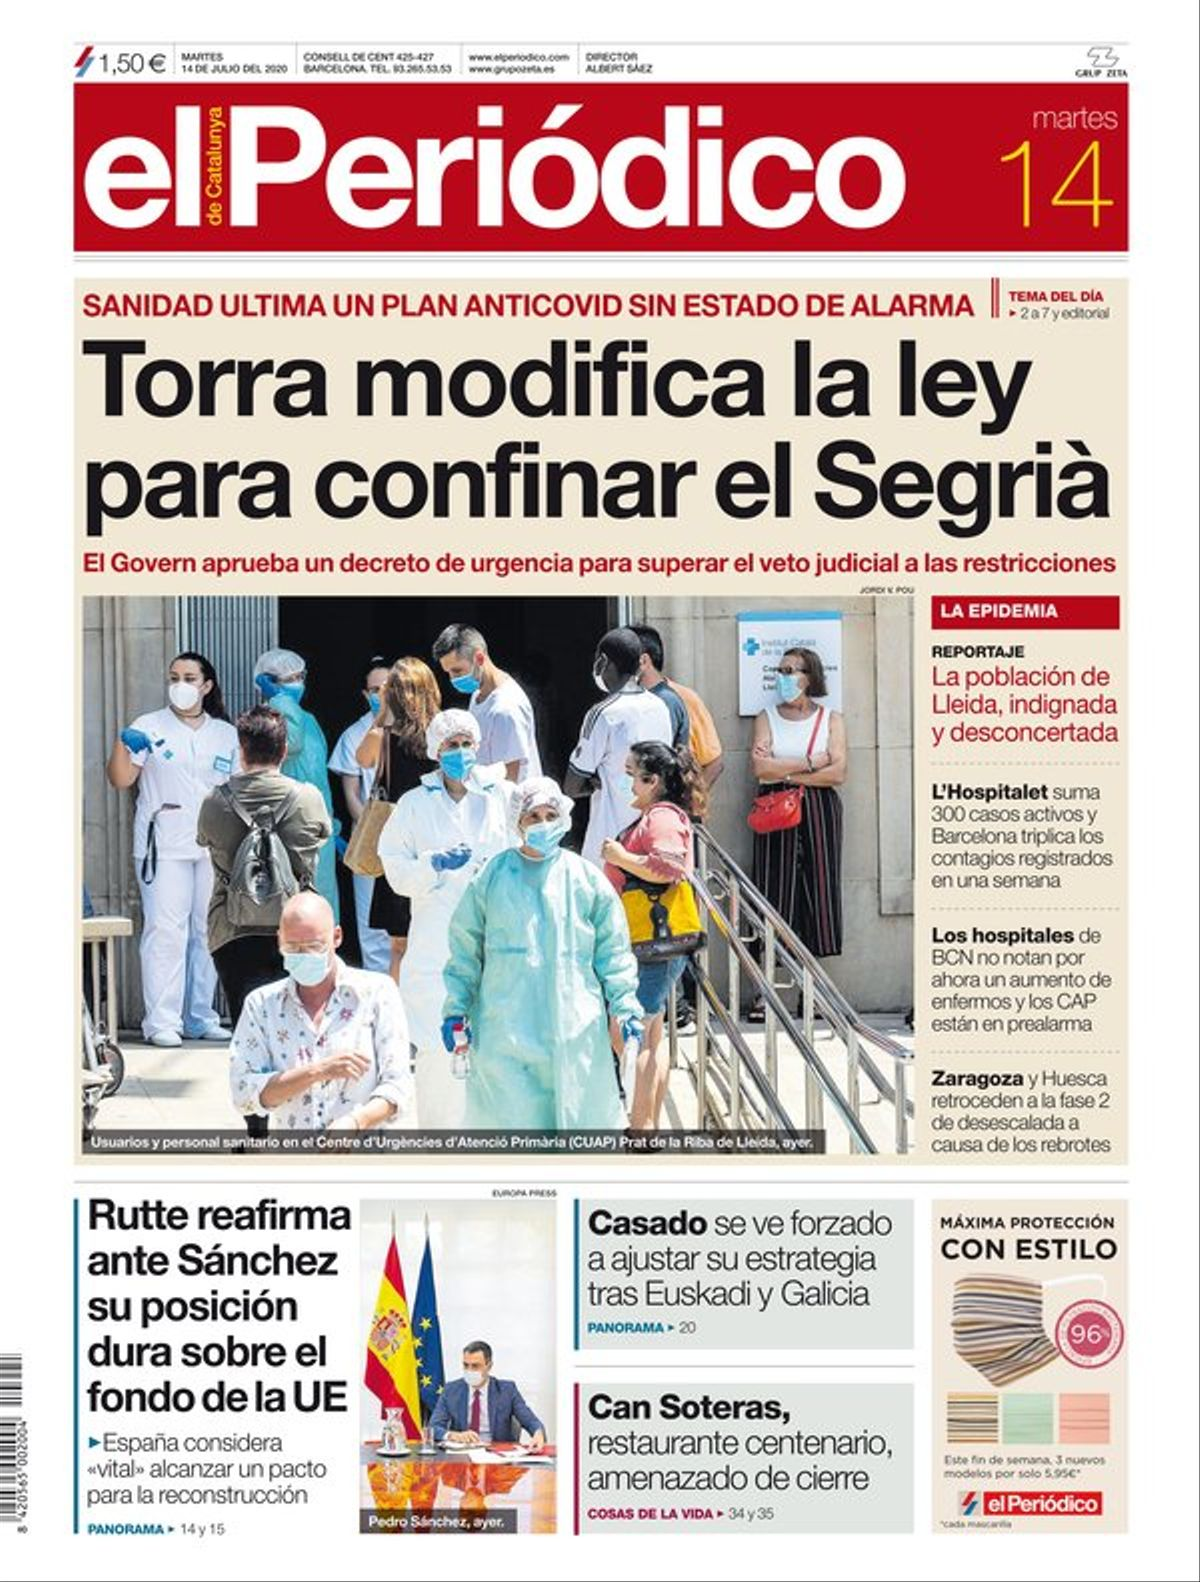 La portada de EL PERIÓDICO del 14 de julio del 2020